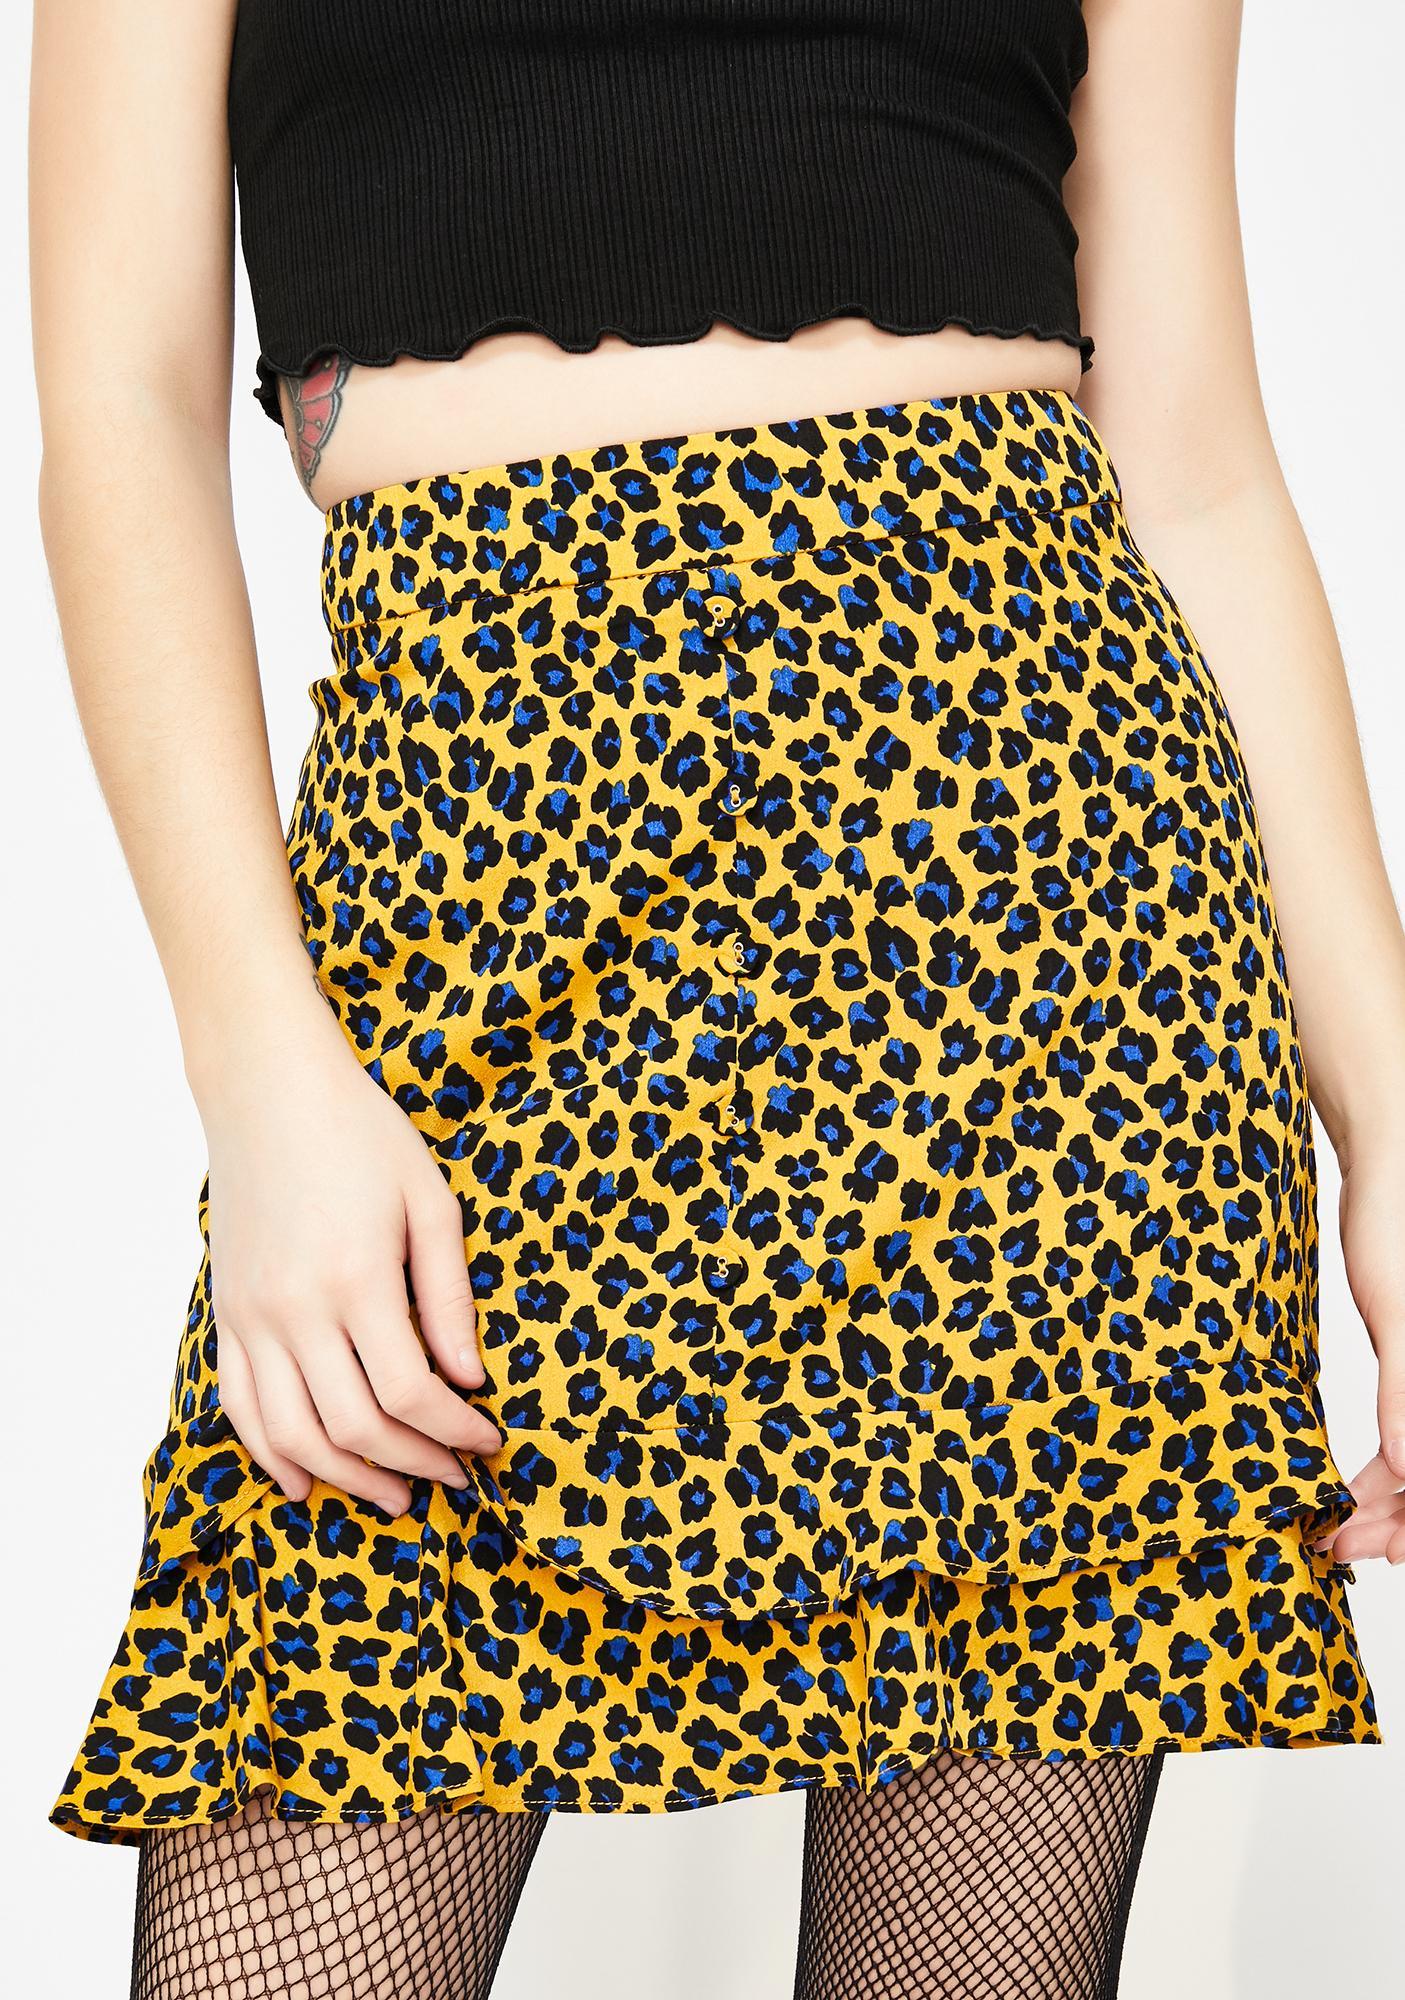 Cute N' Catty Leopard Skirt